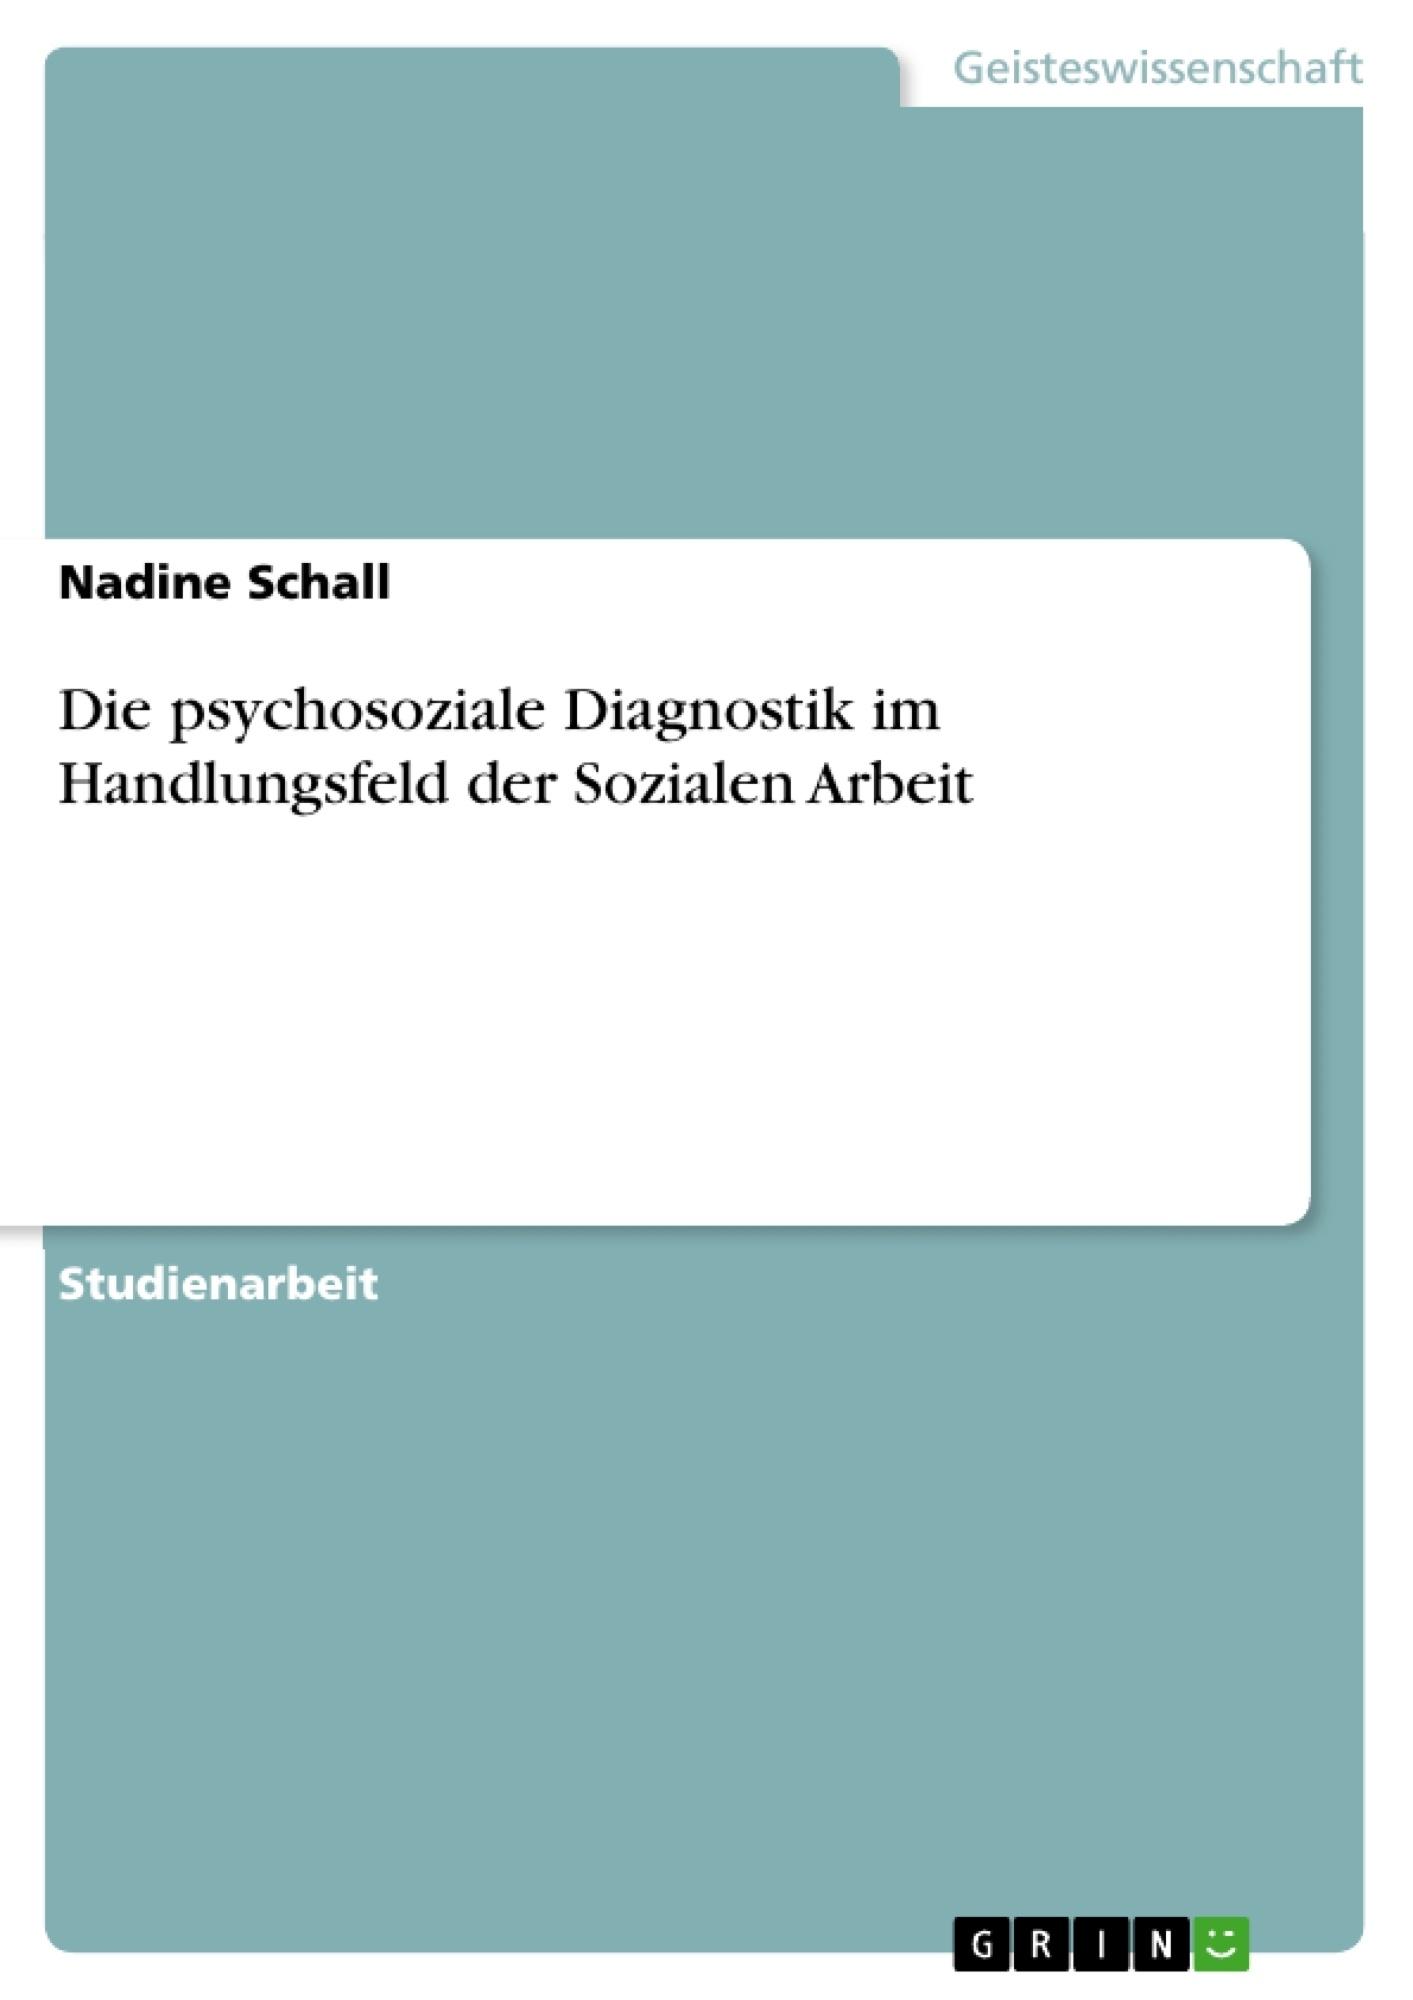 Titel: Die psychosoziale Diagnostik im Handlungsfeld der Sozialen Arbeit